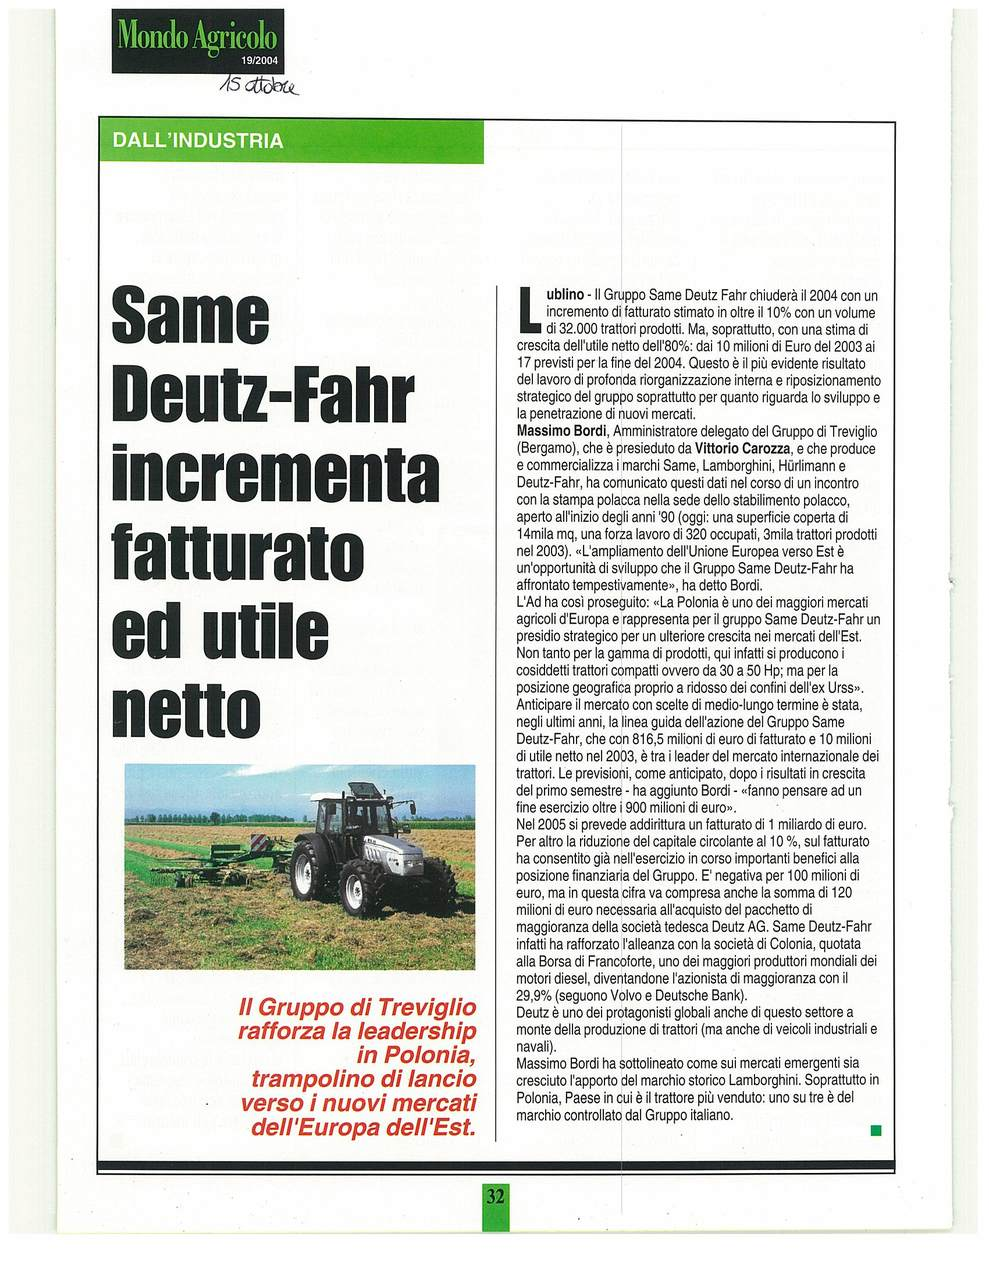 SAME Deutz-Fahr incrementa fatturato ed utile netto